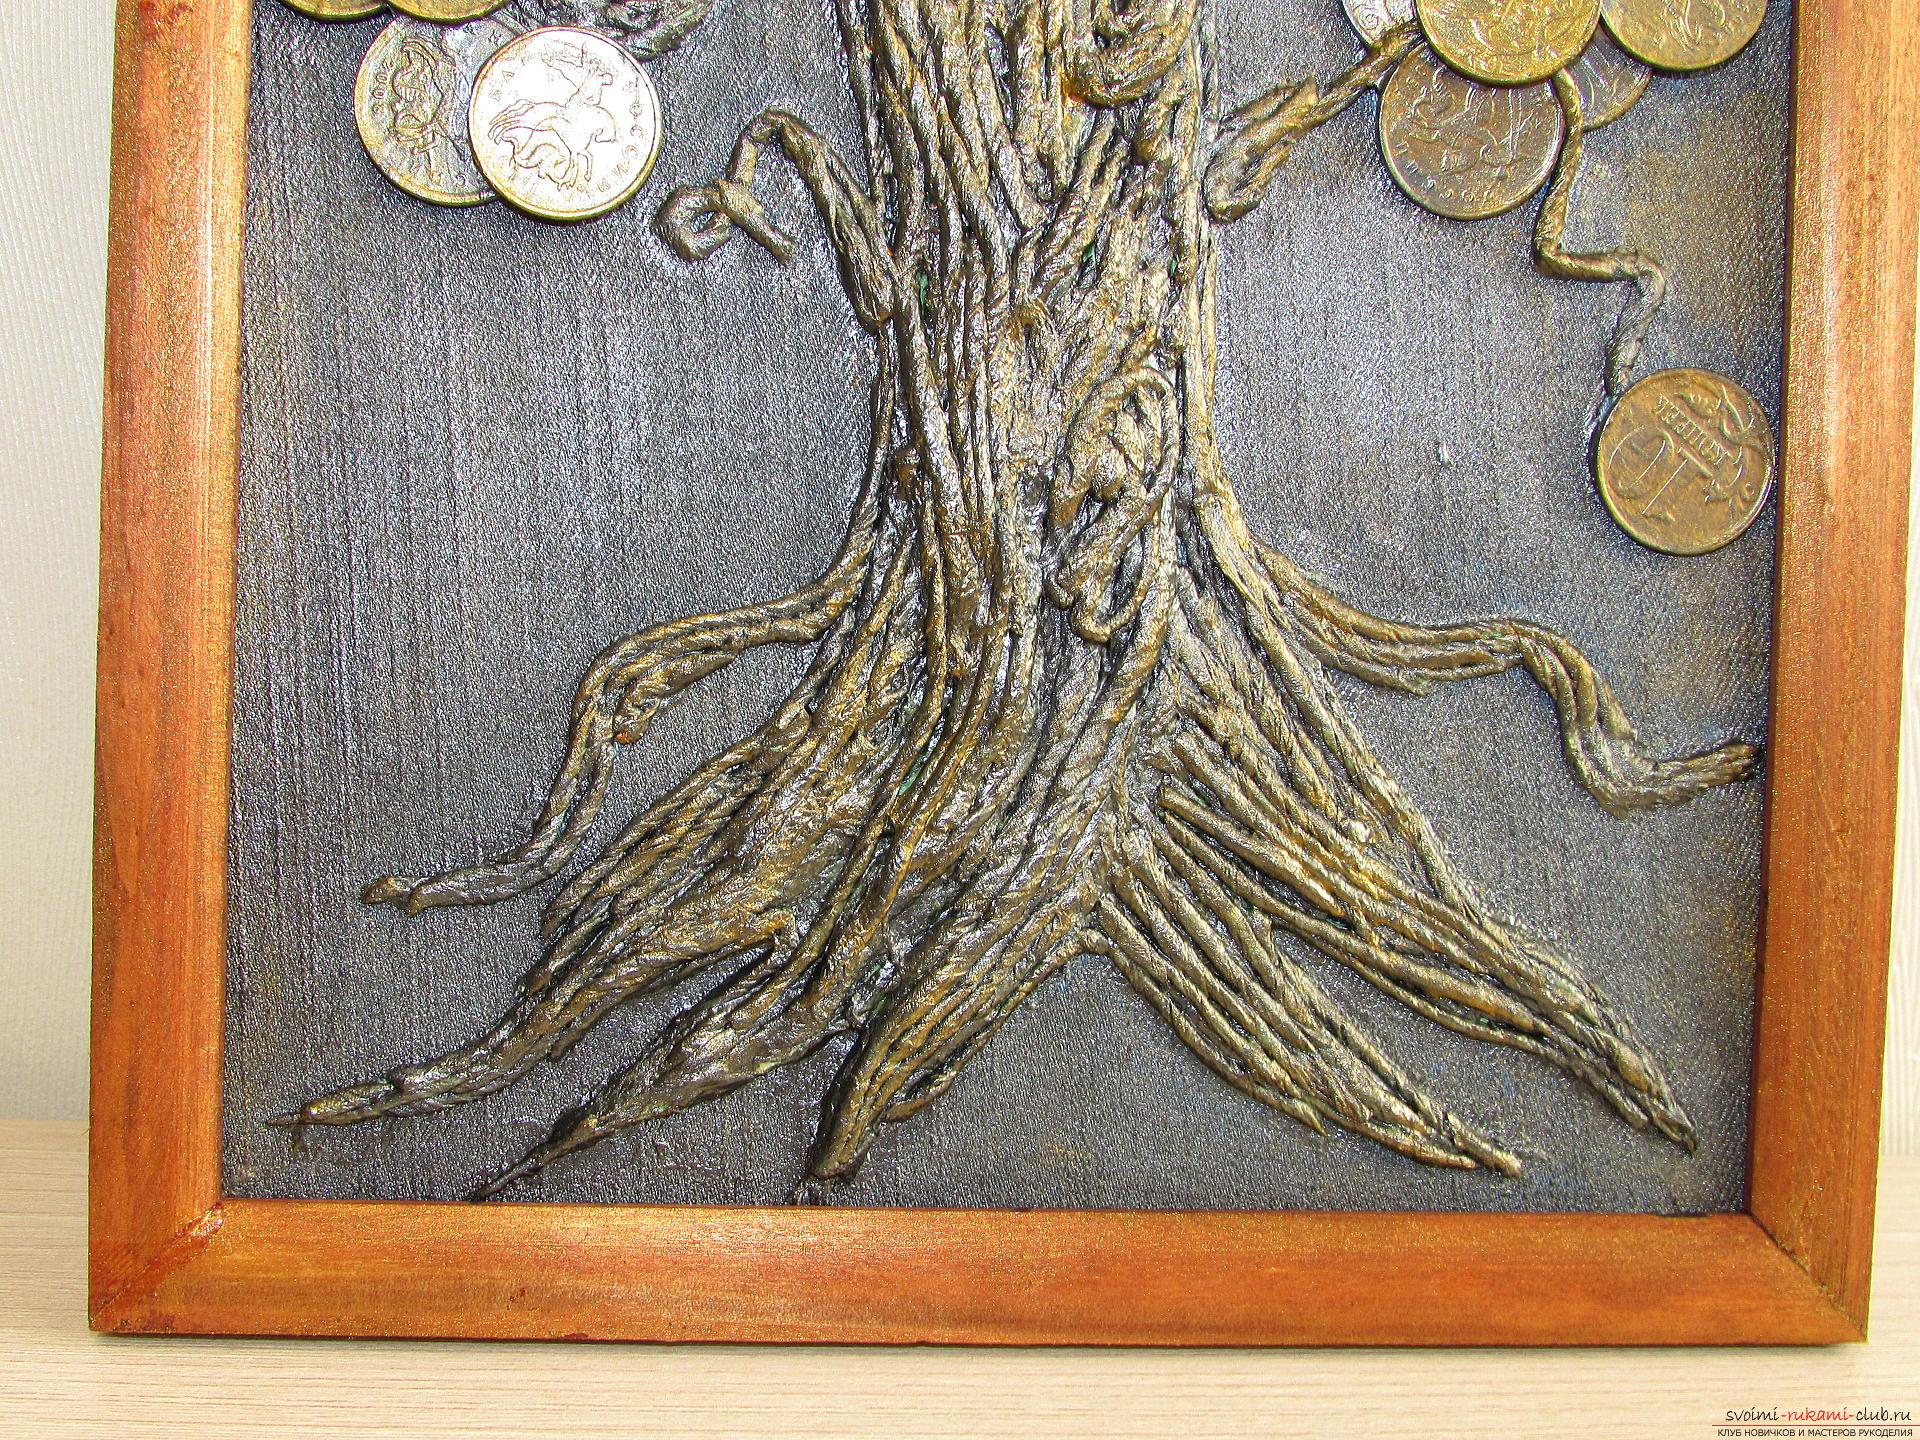 Мастер-класс покажет как сделать денежное дерево из монет своими руками.. Фото №19